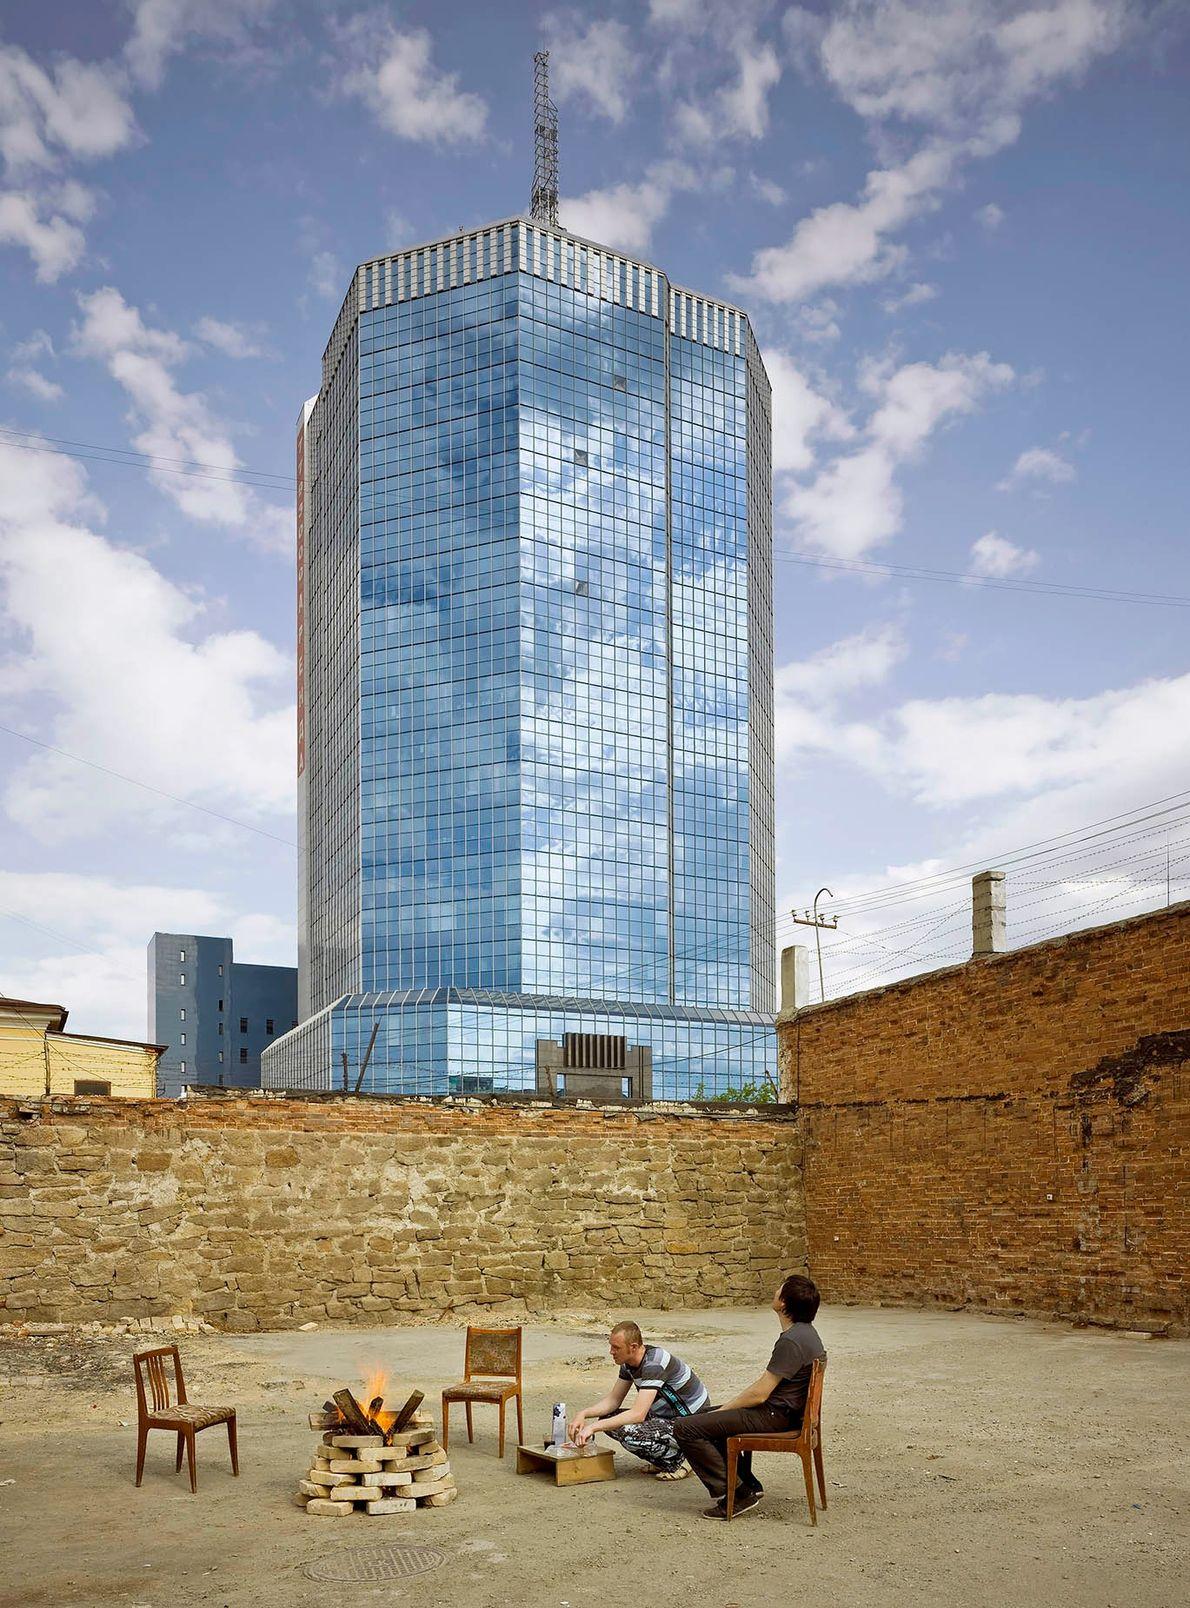 CHELYABINSK, RUSSIA Chelyabinsk City Tower (2007)